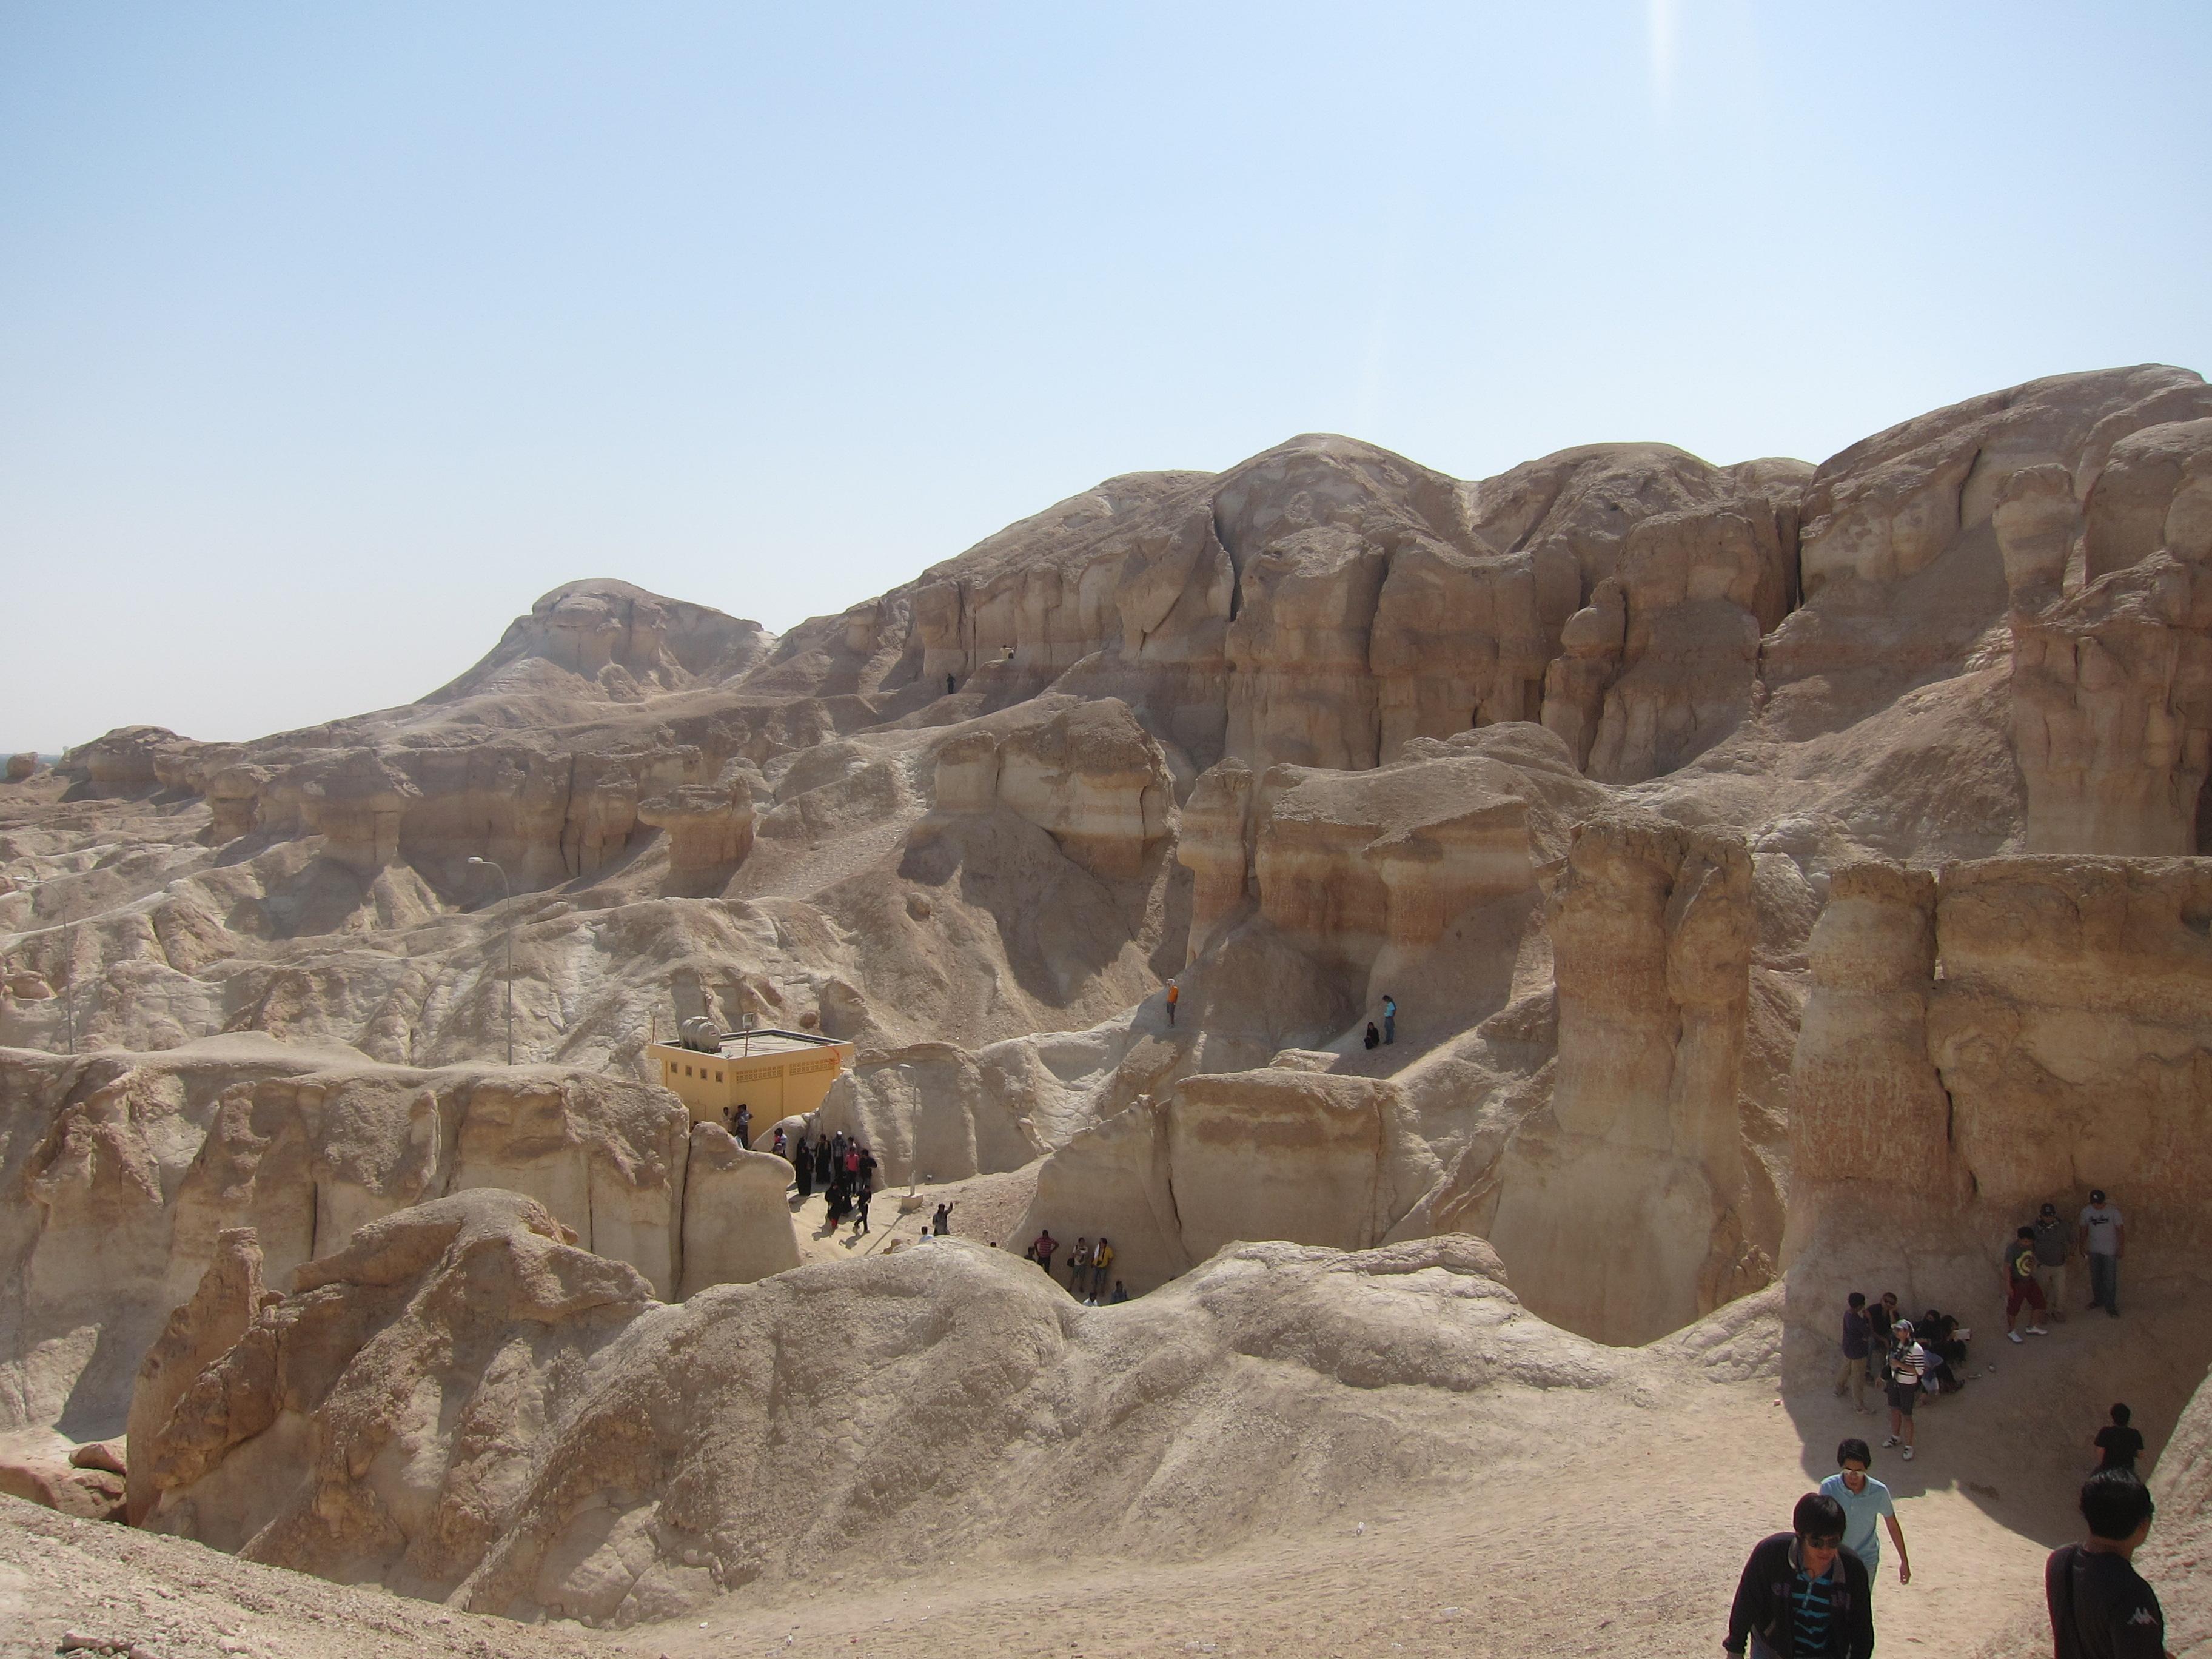 Al-Ahsa Oasis - Wikipedia